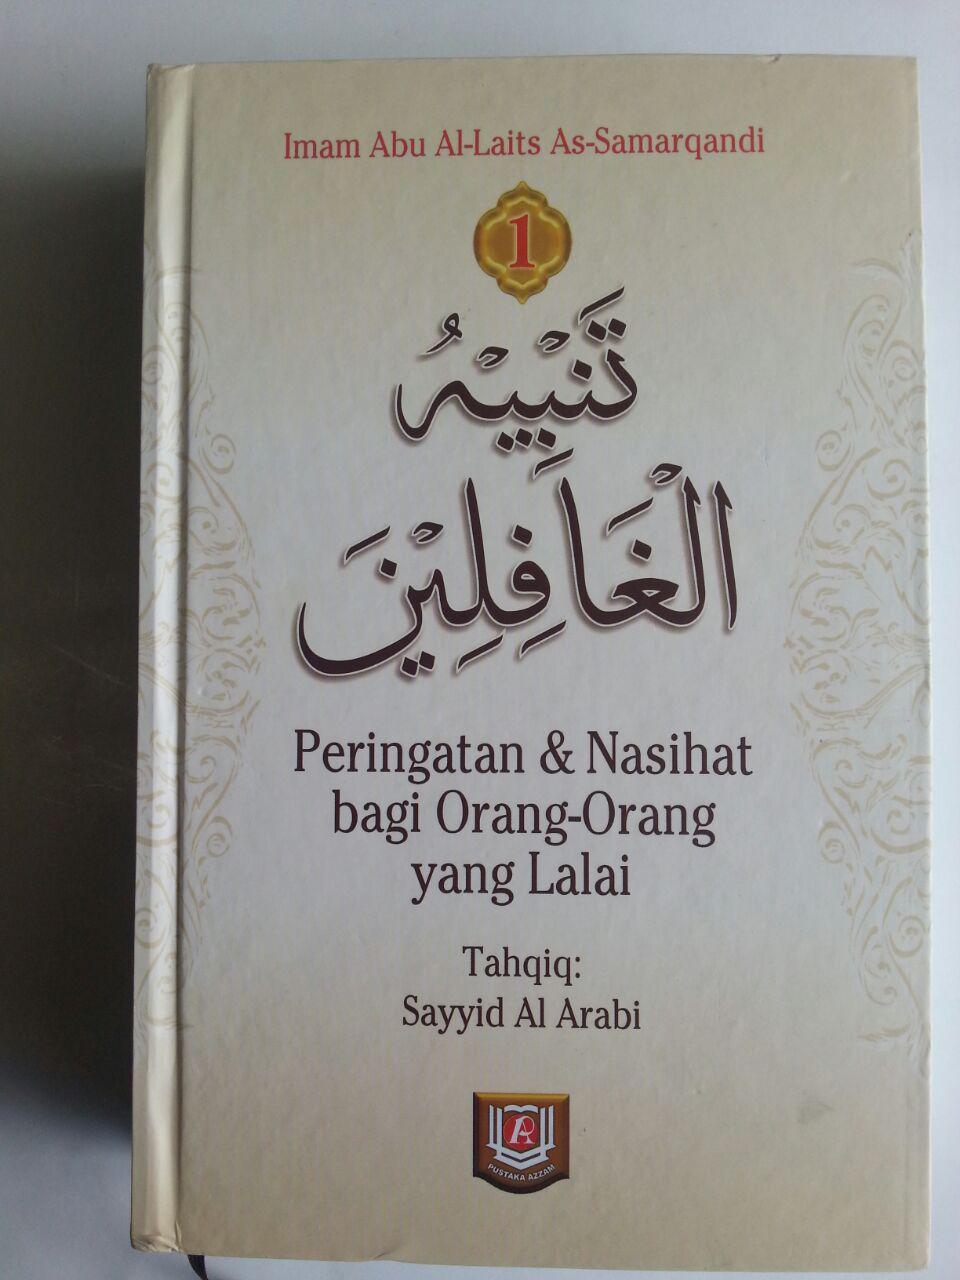 Buku Tanbihul Ghafilin Peringatan Nasihat Bagi Orang Lalai 1 cover 2